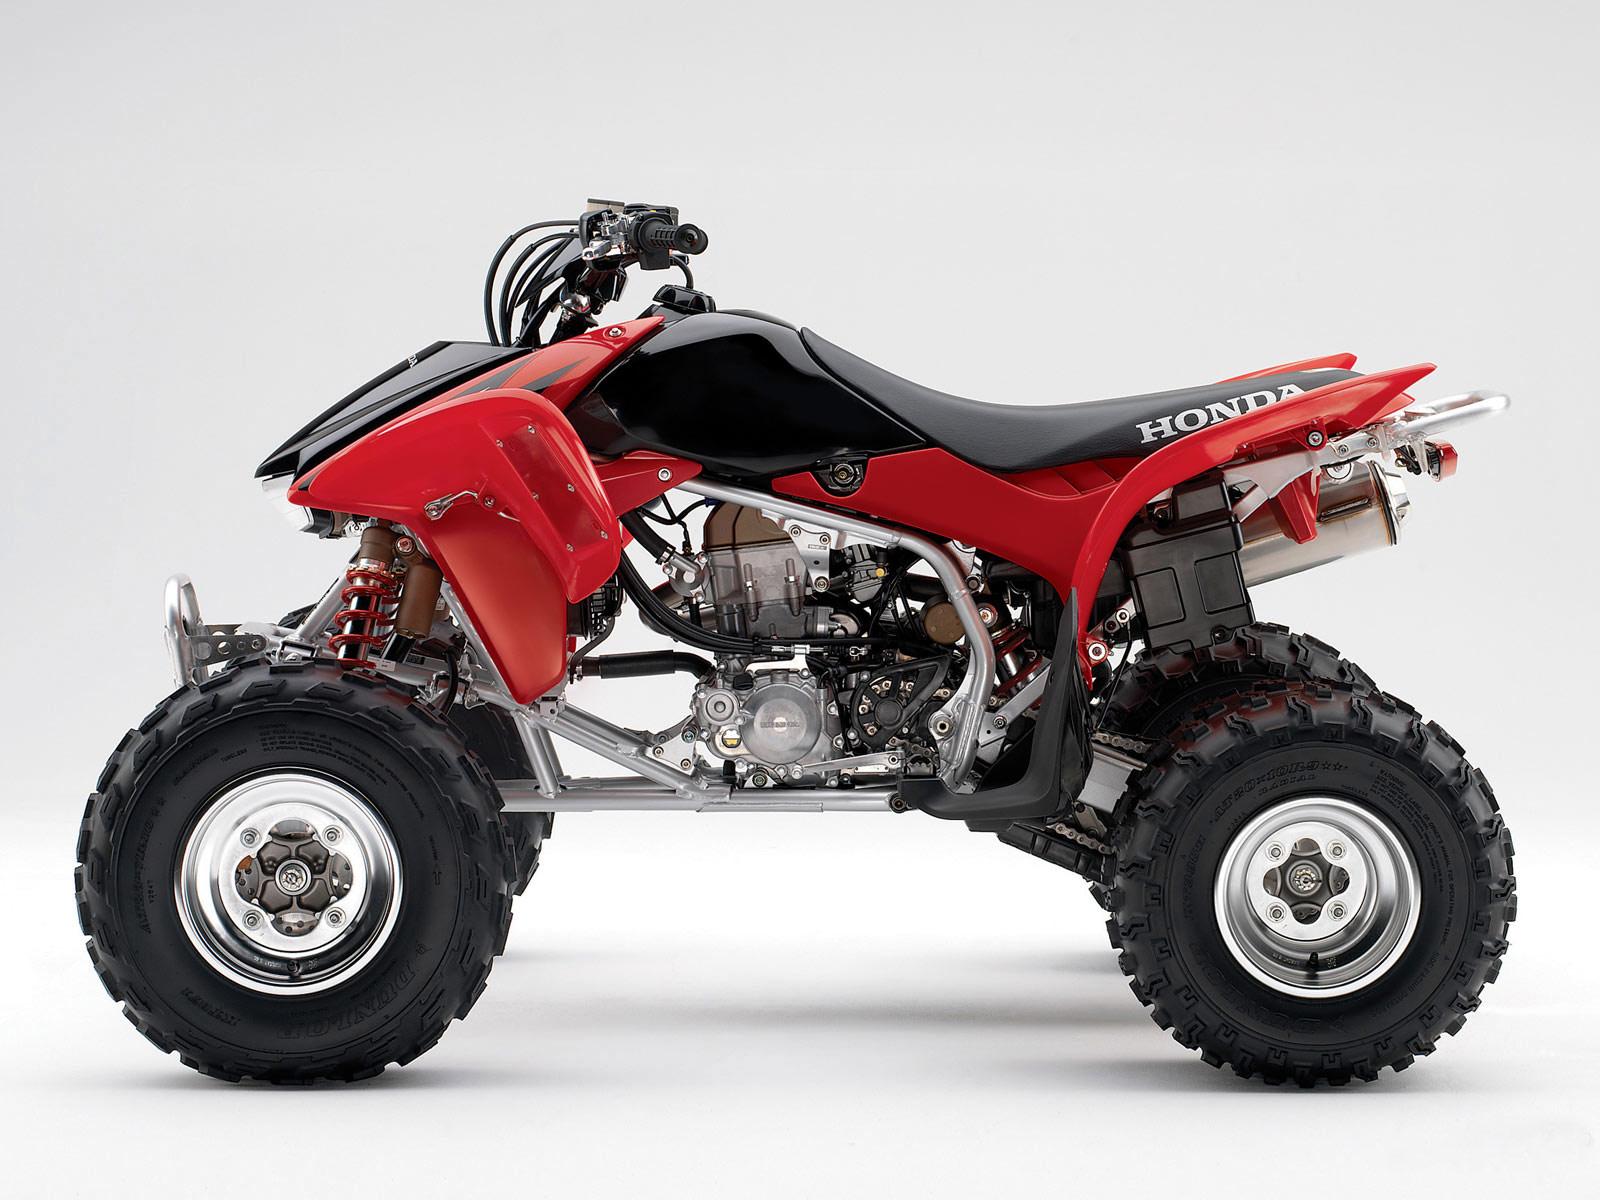 2006 HONDA TRX450R ATV pictures, features